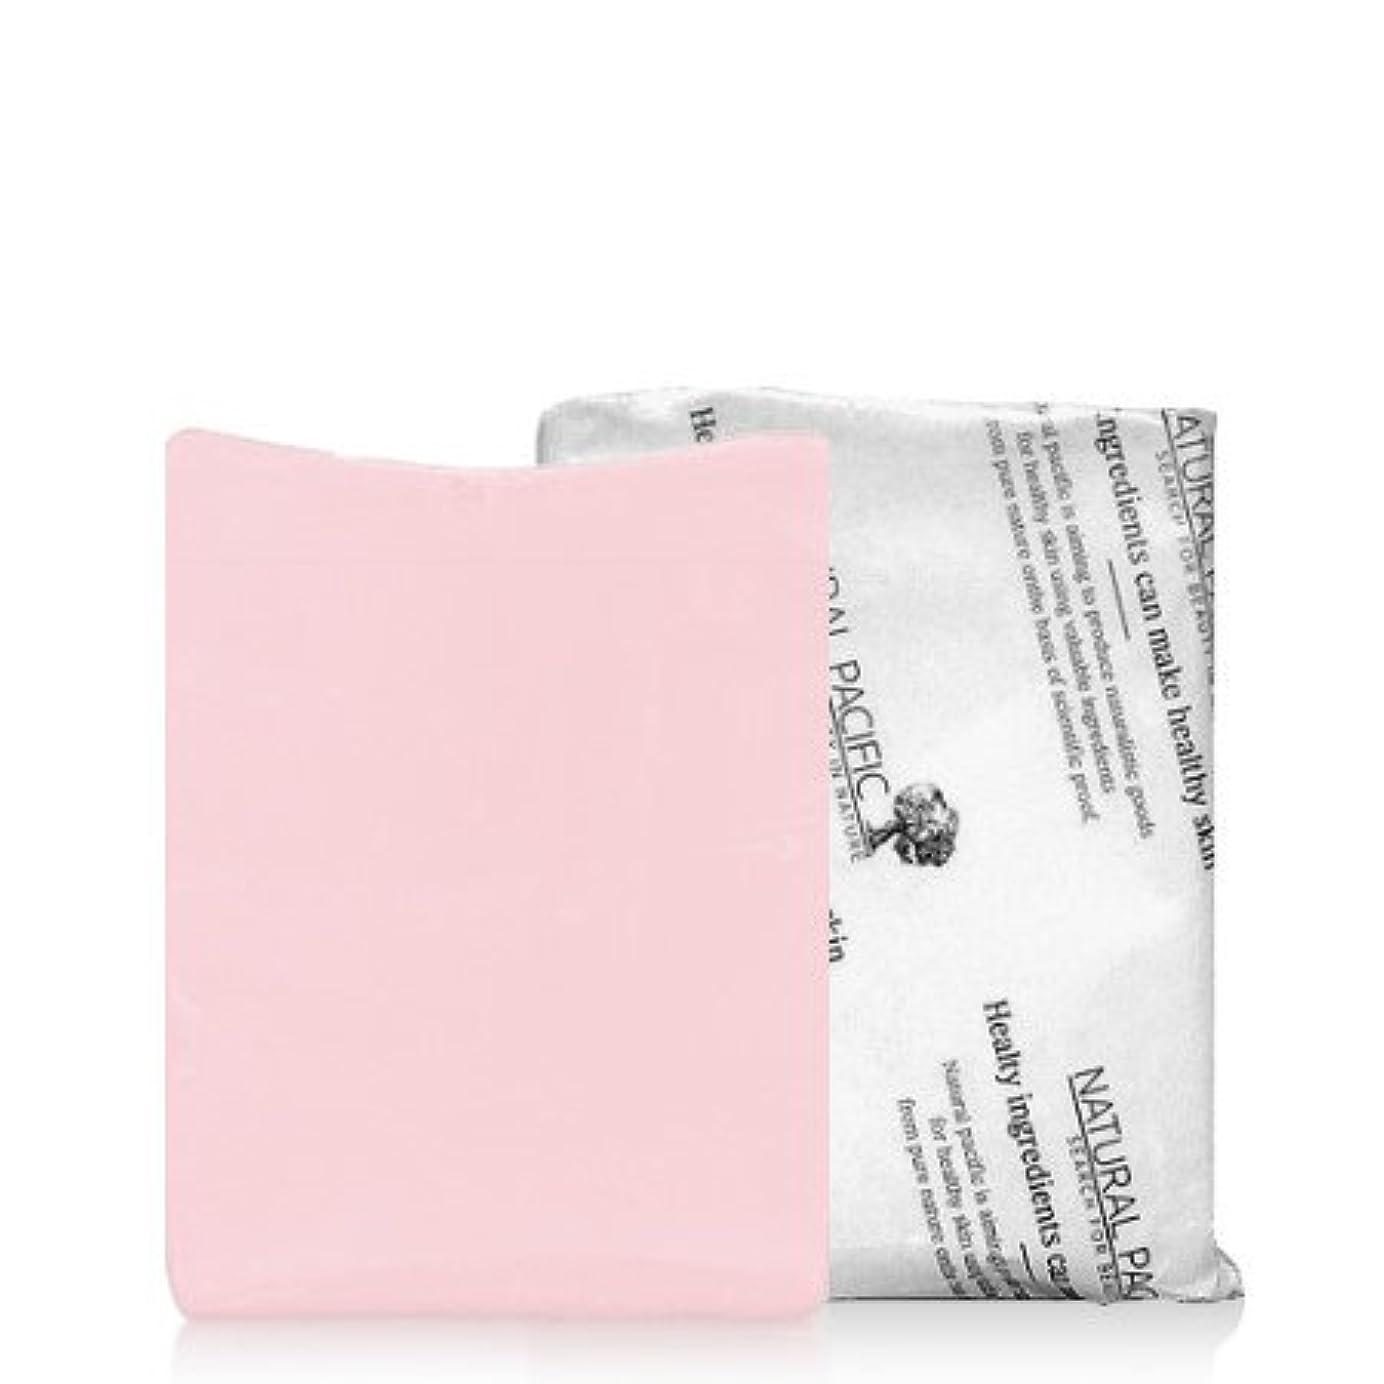 民間合意シャッフルNATURAL PACIFIC Pink Calming Soap/ナチュラルパシフィック ピンク カーミング ソープ (1個) [並行輸入品]